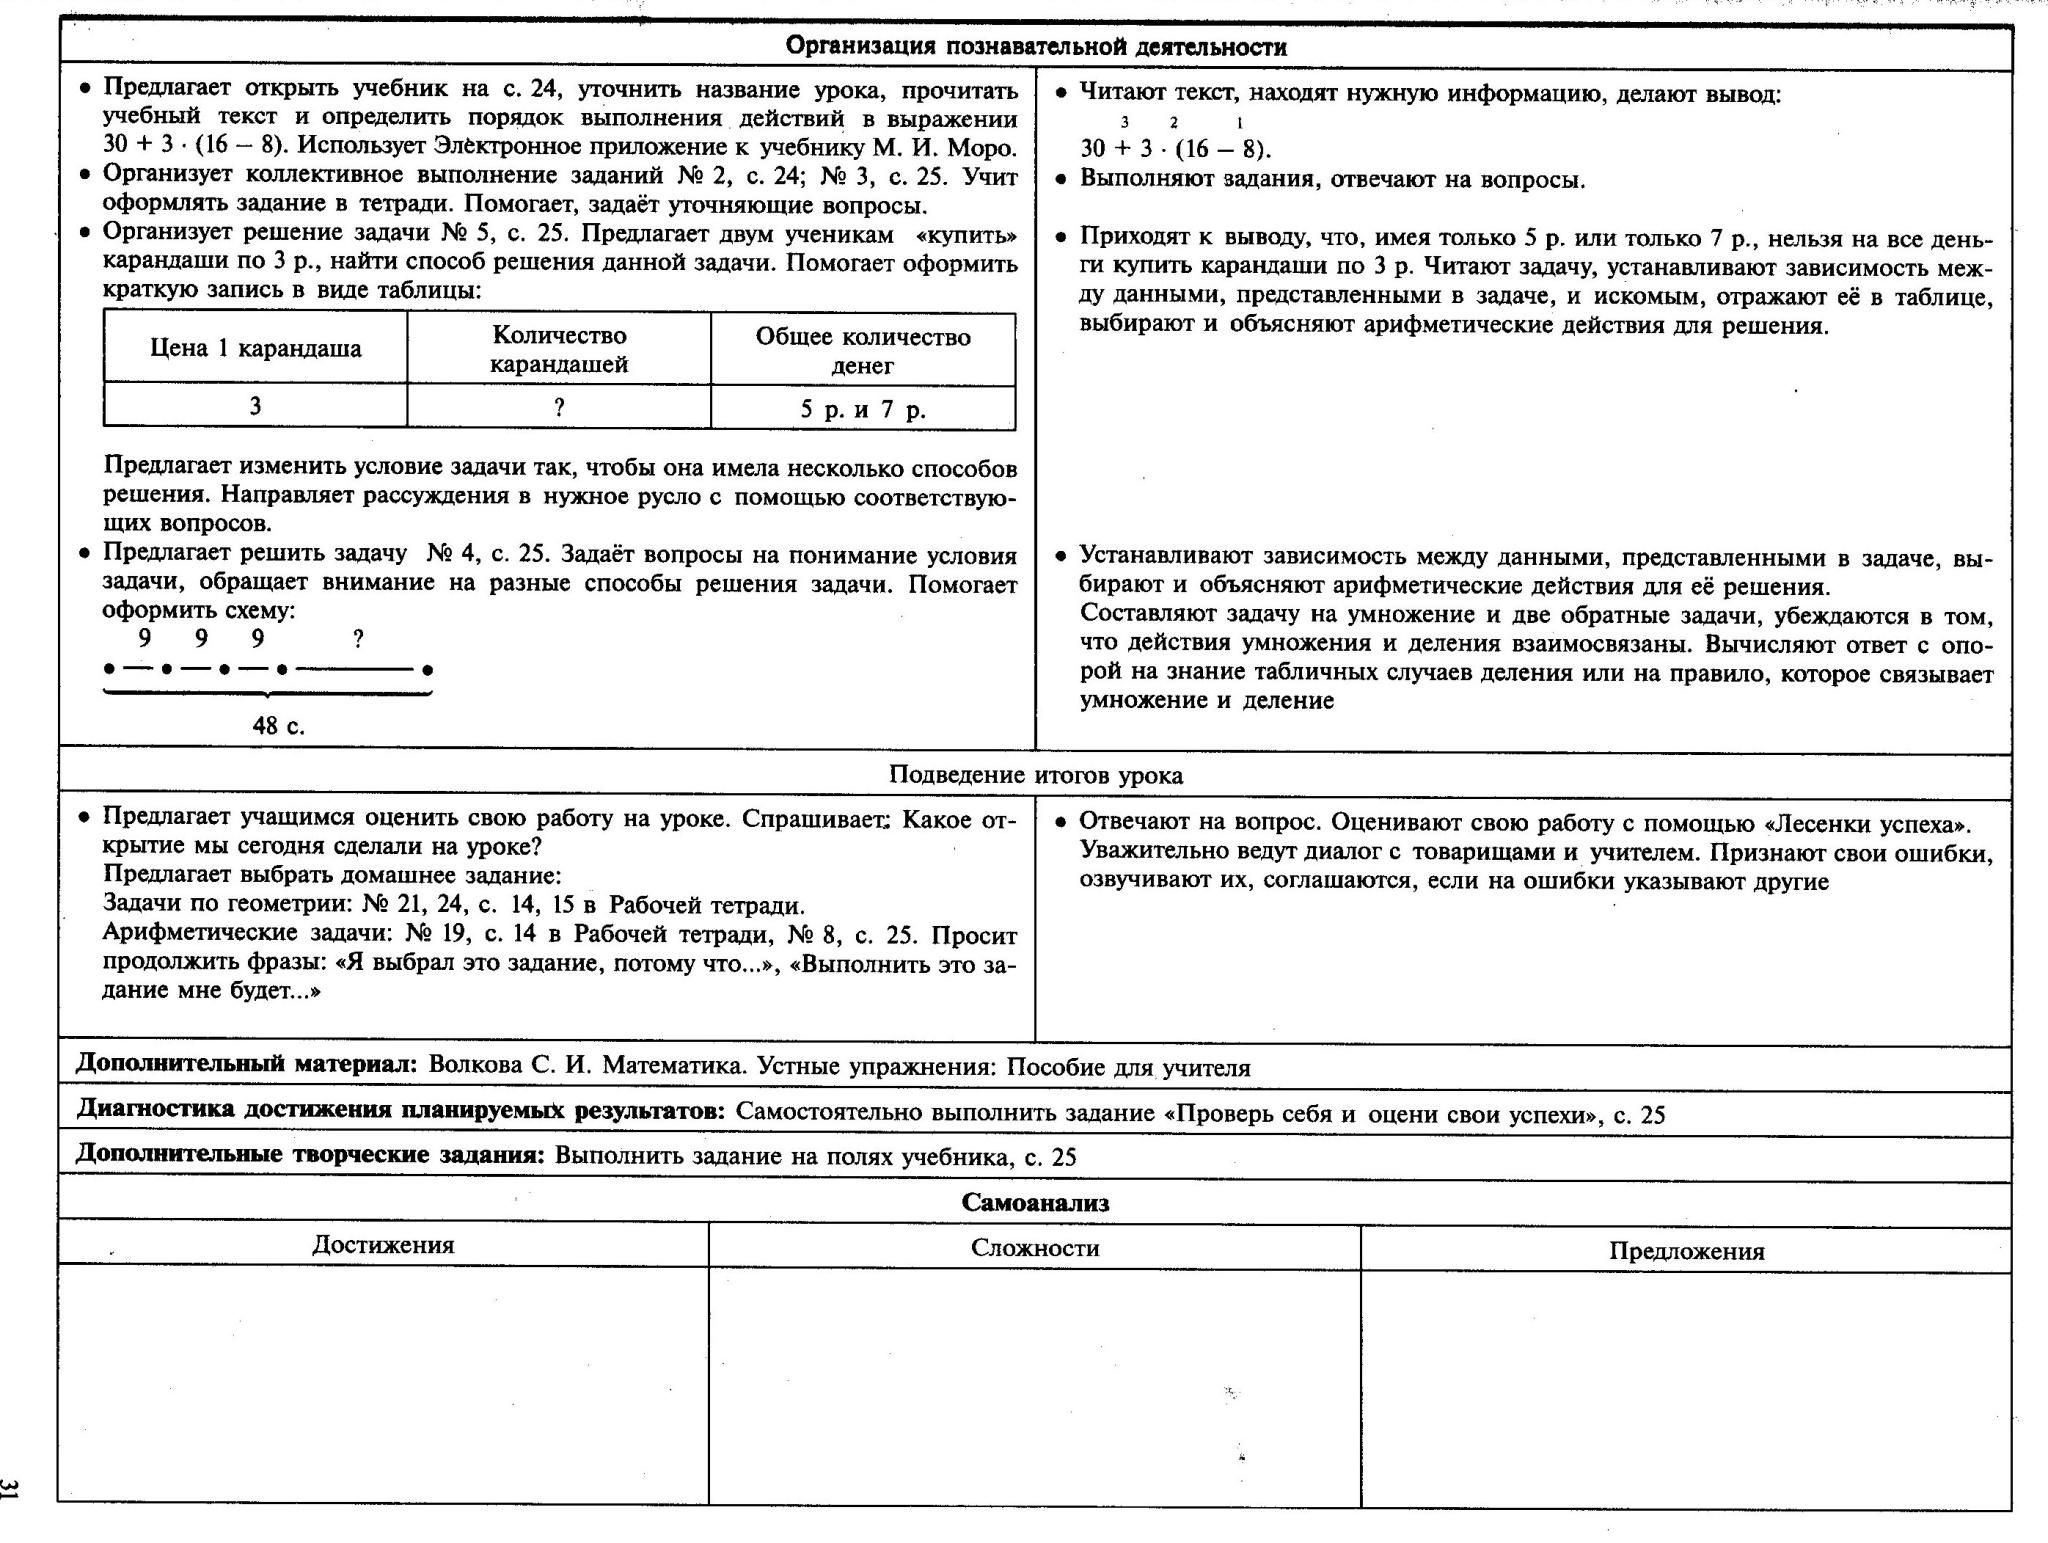 C:\Documents and Settings\Admin\Мои документы\Мои рисунки\1270.jpg